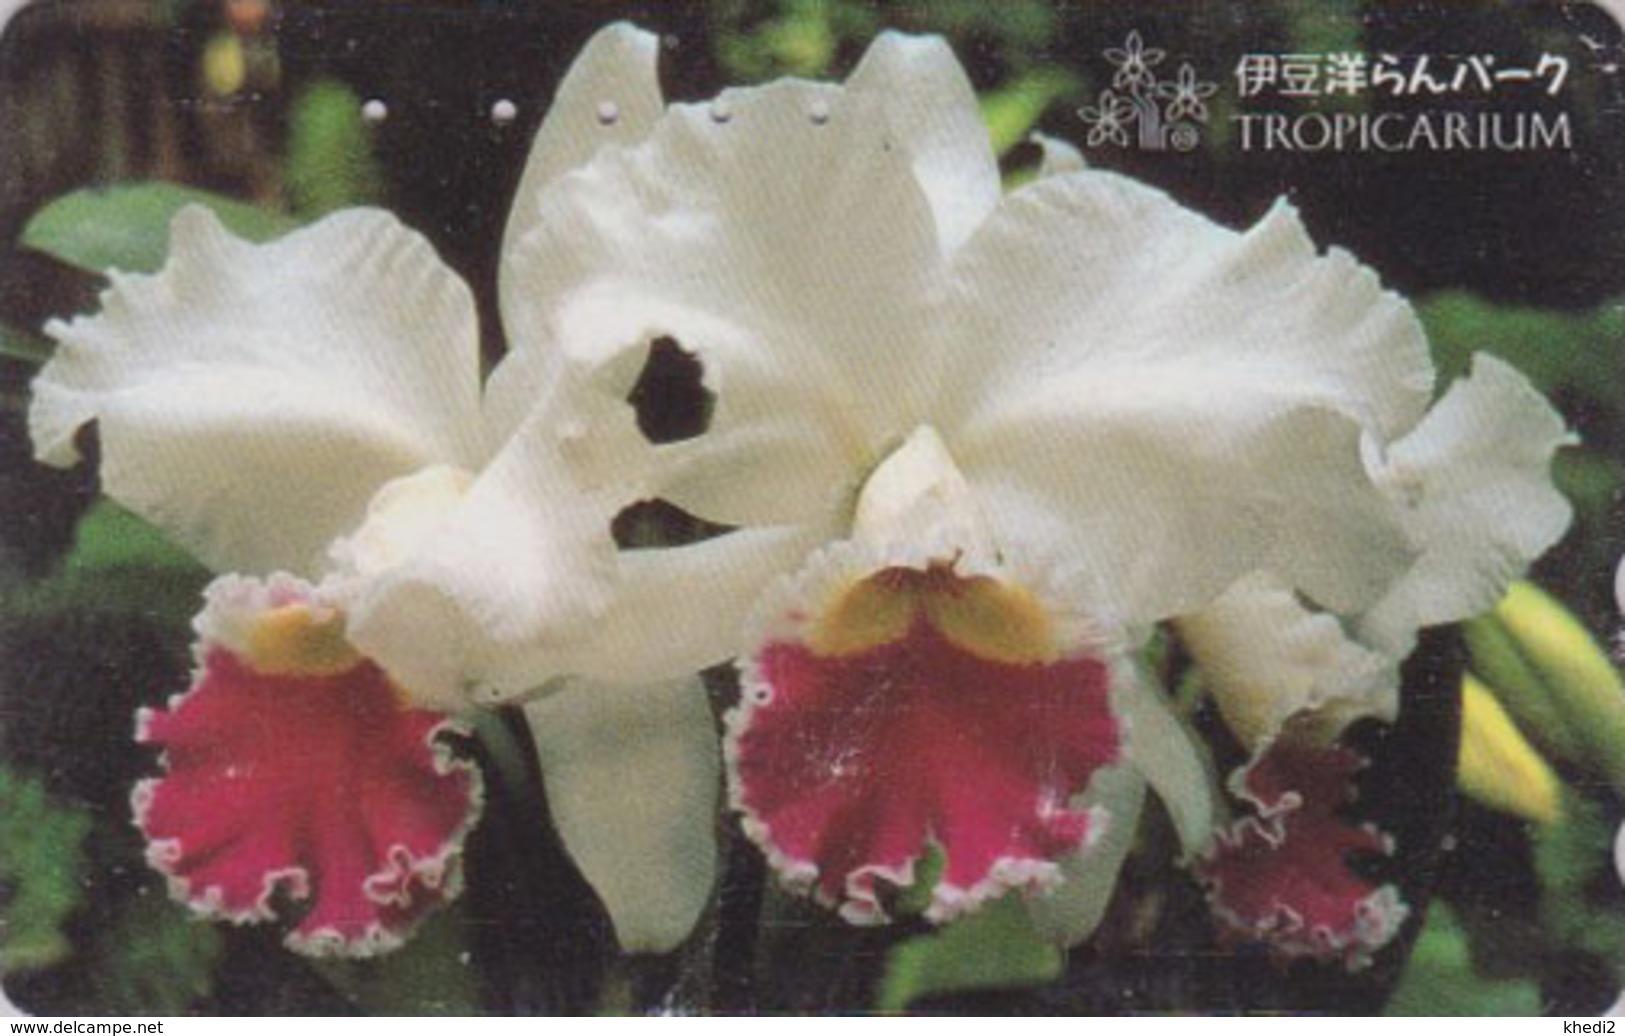 Télécarte Japon / 110-016 - FLEUR -  ORCHIDEE **  Série TROPICARIUM  IZU ORCHID PARK ** - FLOWER Japan Phonecard - 2432 - Fleurs